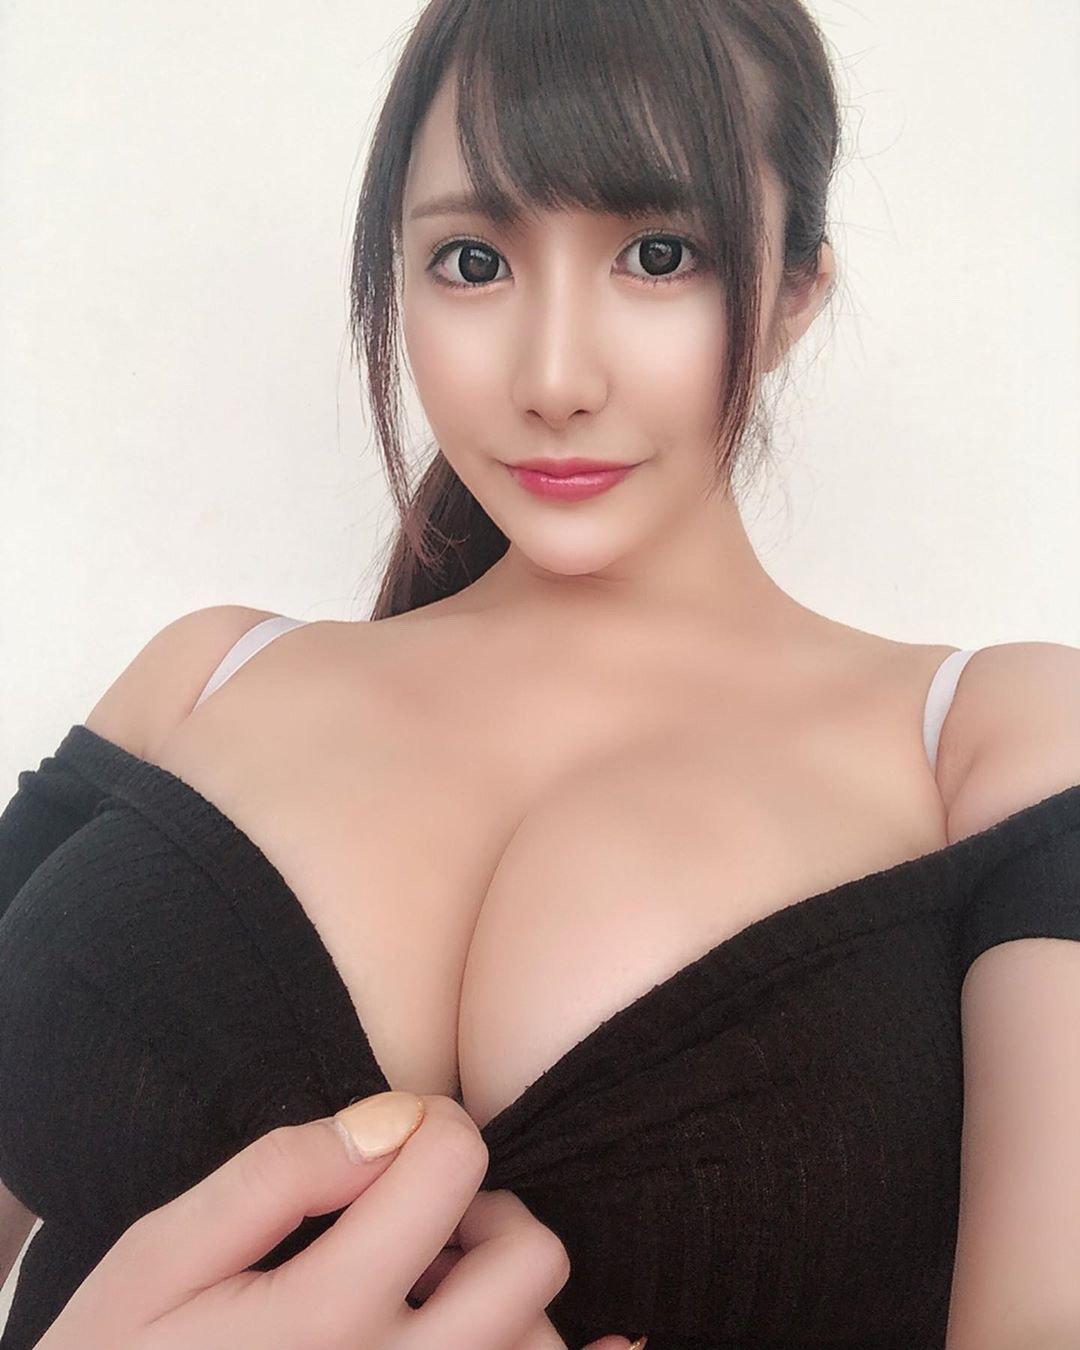 大胸长腿身材惹火的混血美女主播赵芷彤